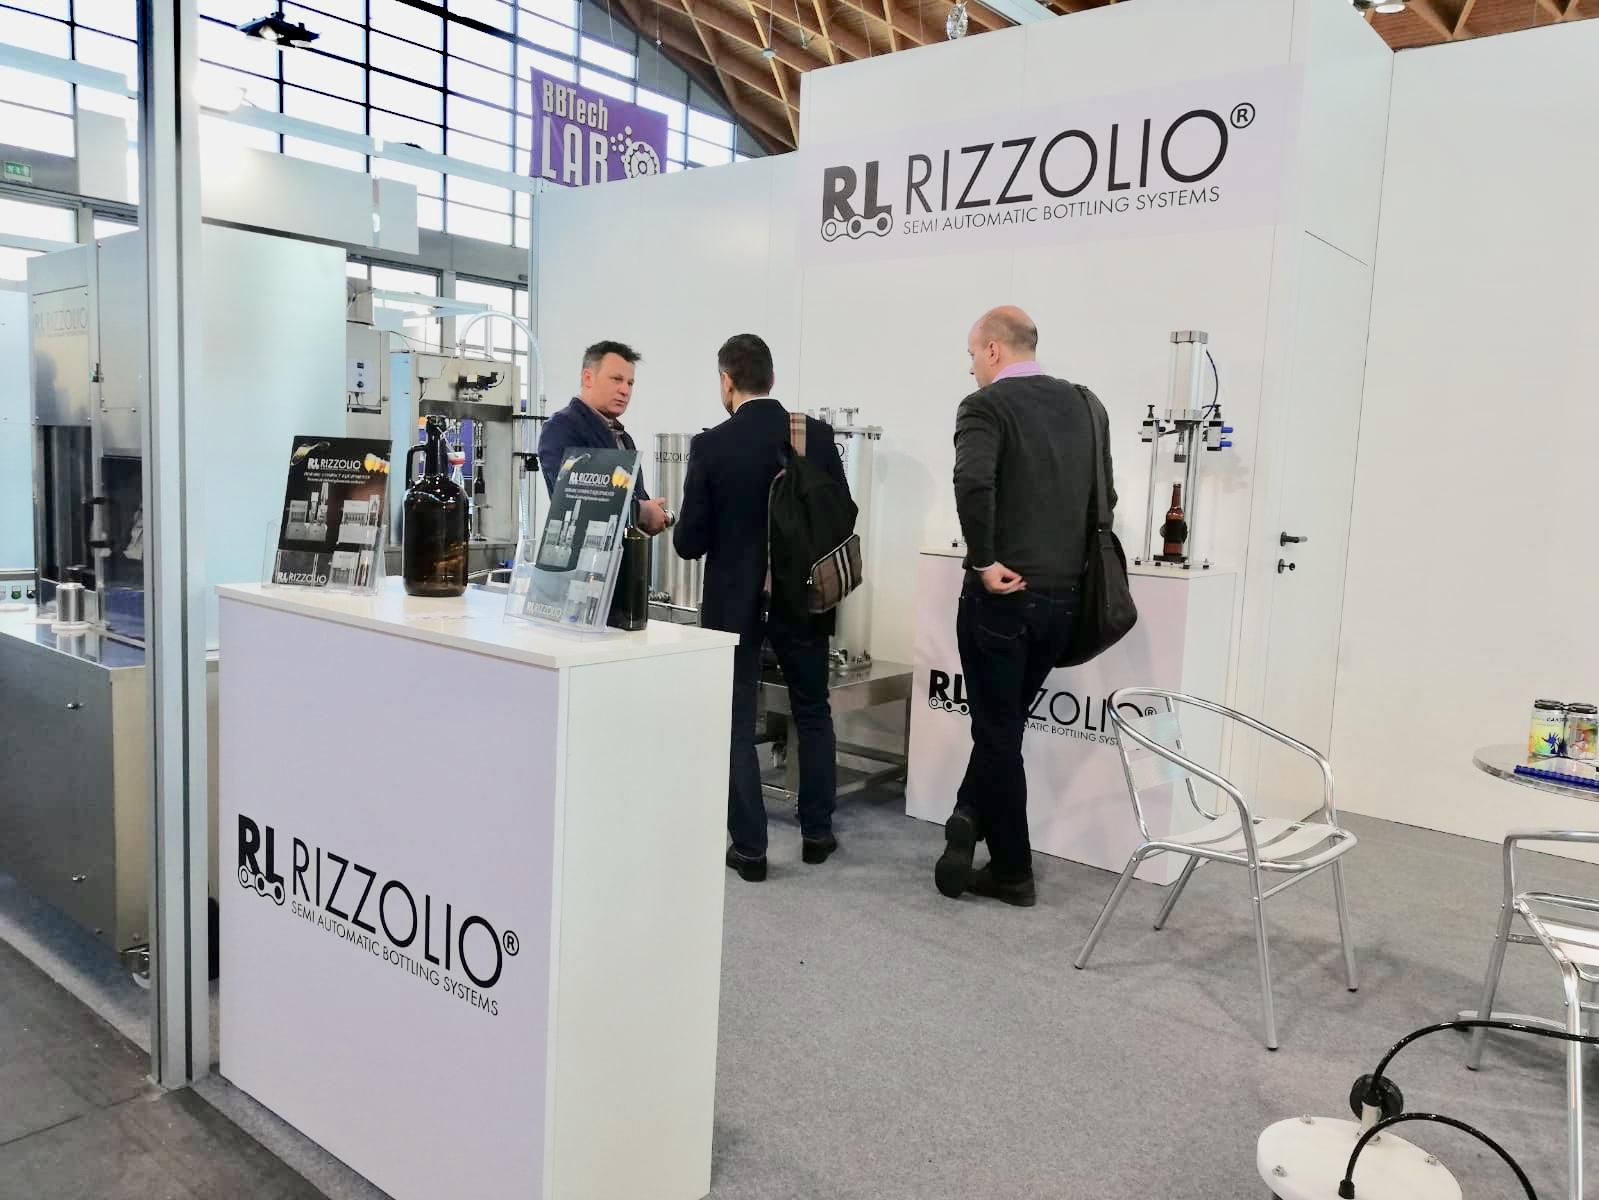 La tecnologia italiana della birra in giro per il mondo!